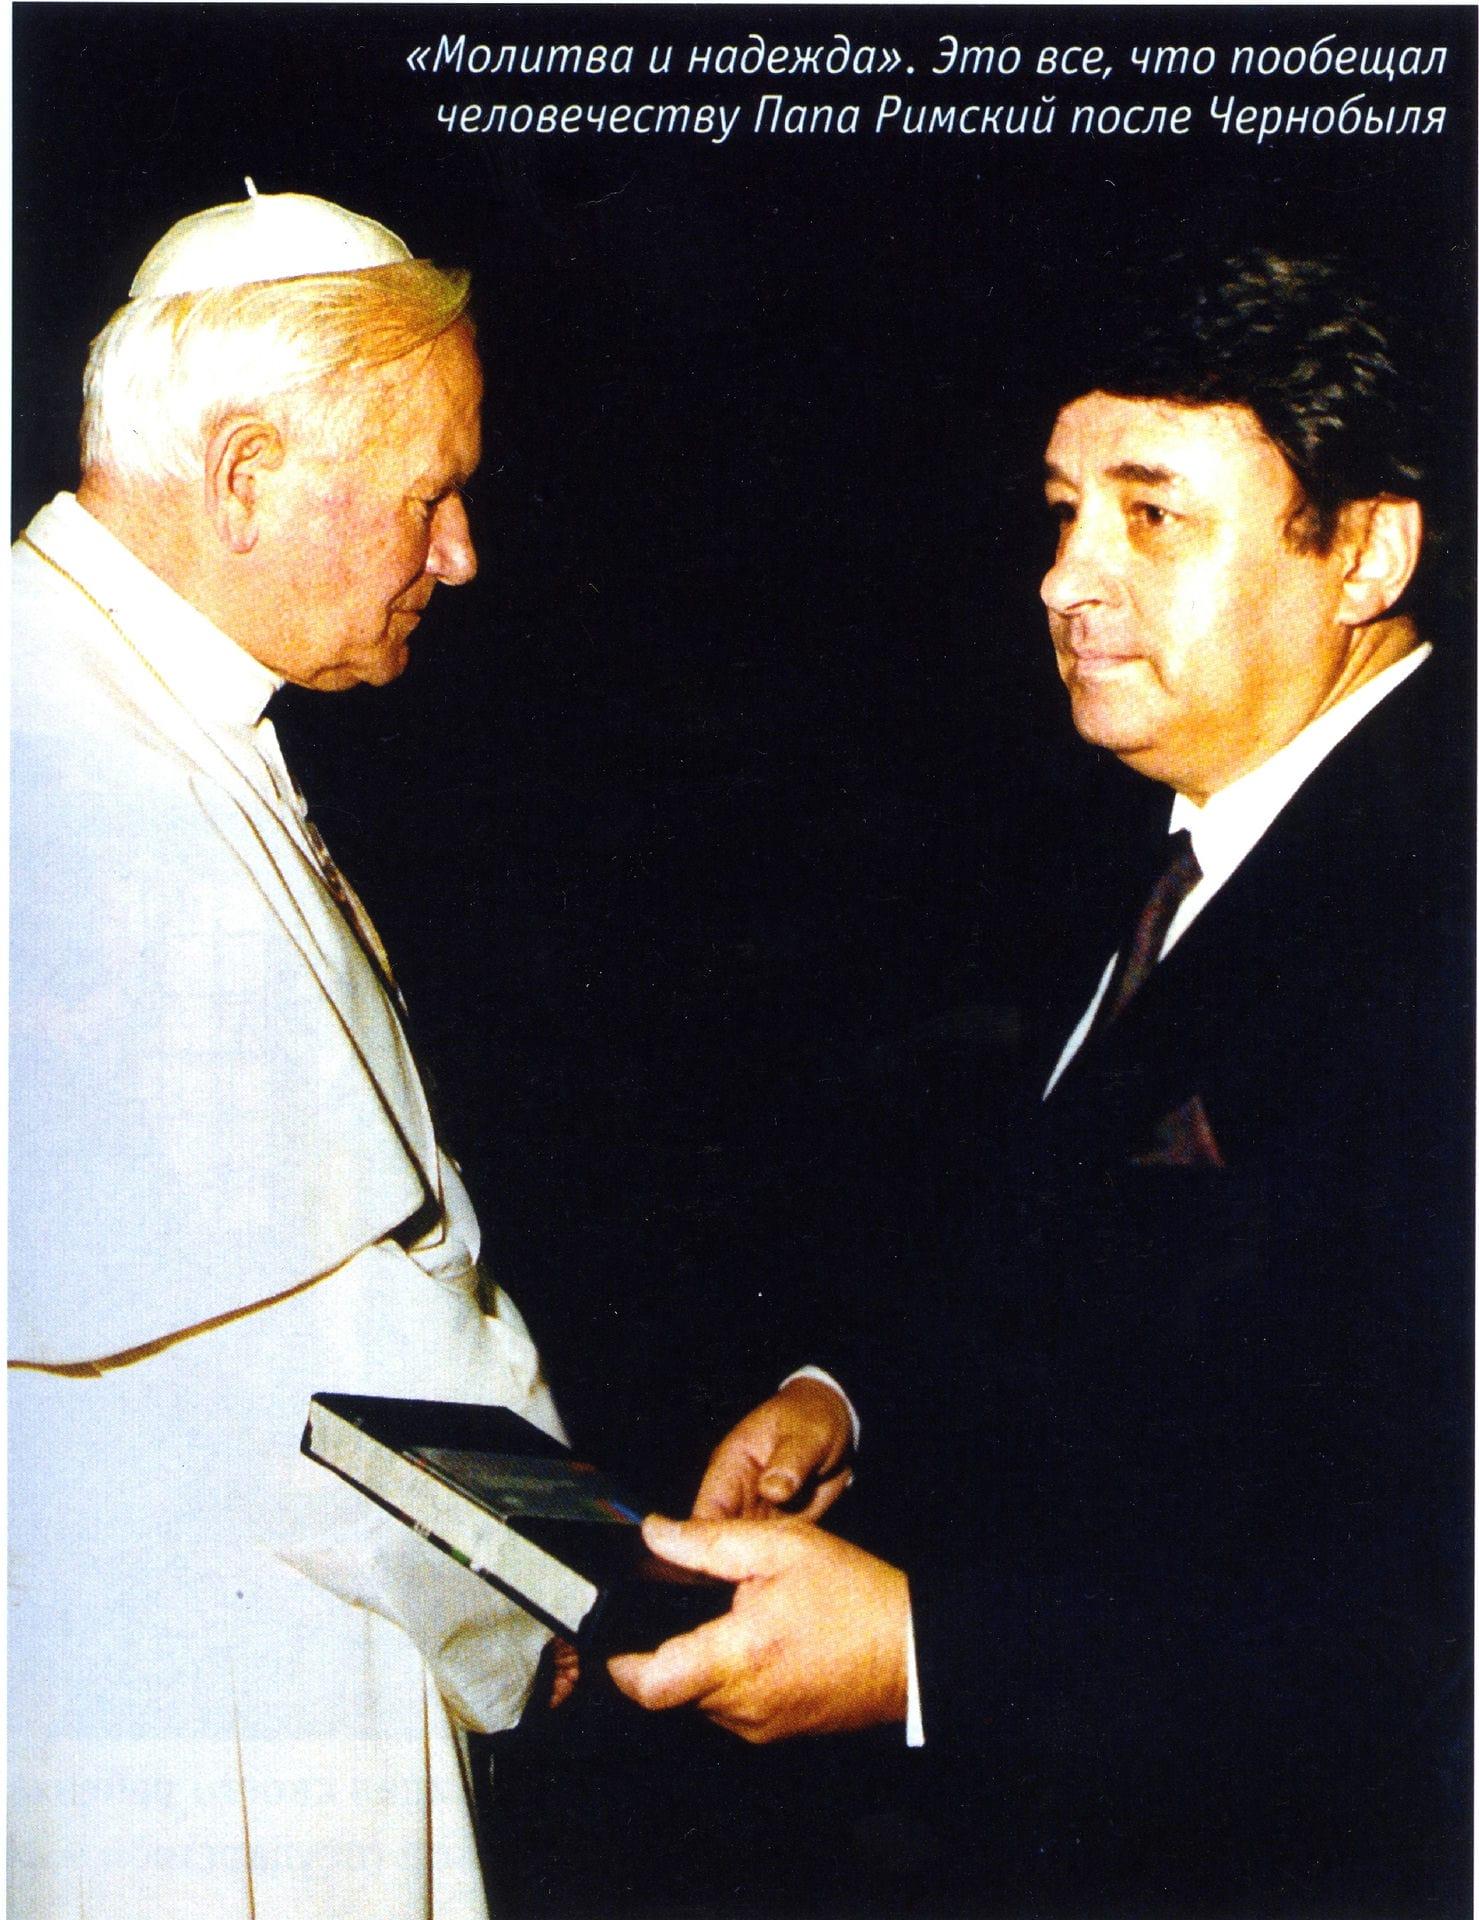 Экспонат #18. С Его Святейшеством папой римским Иоанном-Павлом II. Ватикан. 1988 год